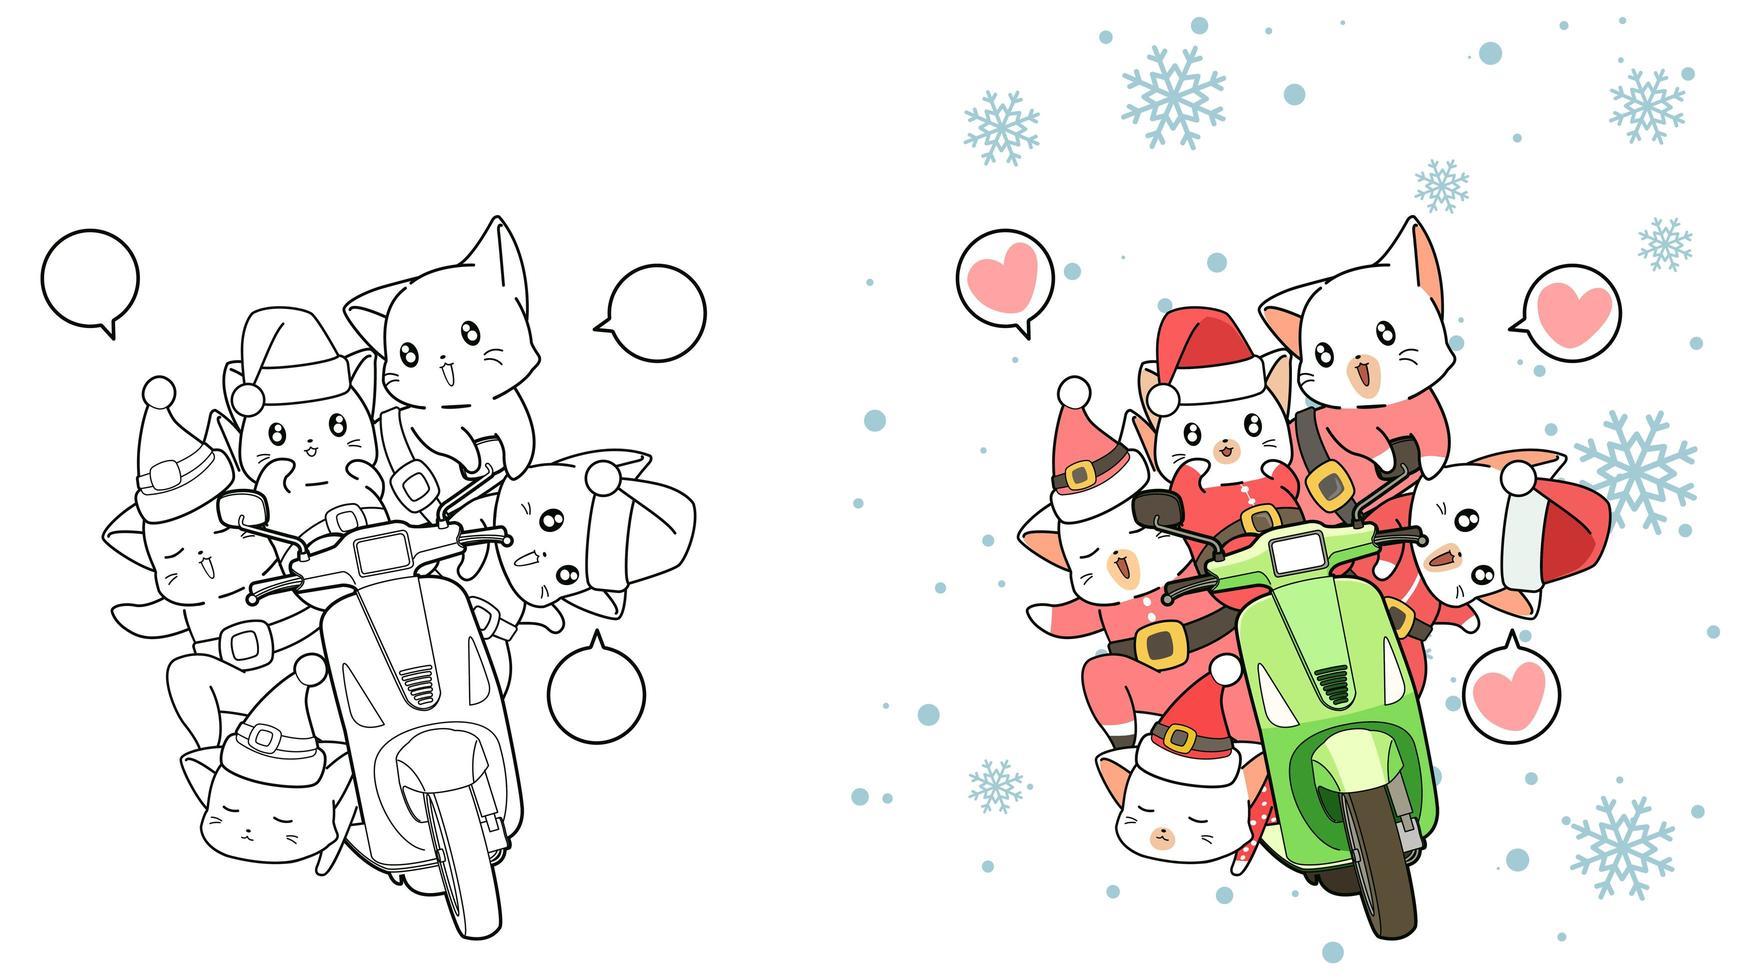 Santa Chats Et Coloriage De Dessin Anime De Moto Pour Les Enfants Telecharger Vectoriel Gratuit Clipart Graphique Vecteur Dessins Et Pictogramme Gratuit